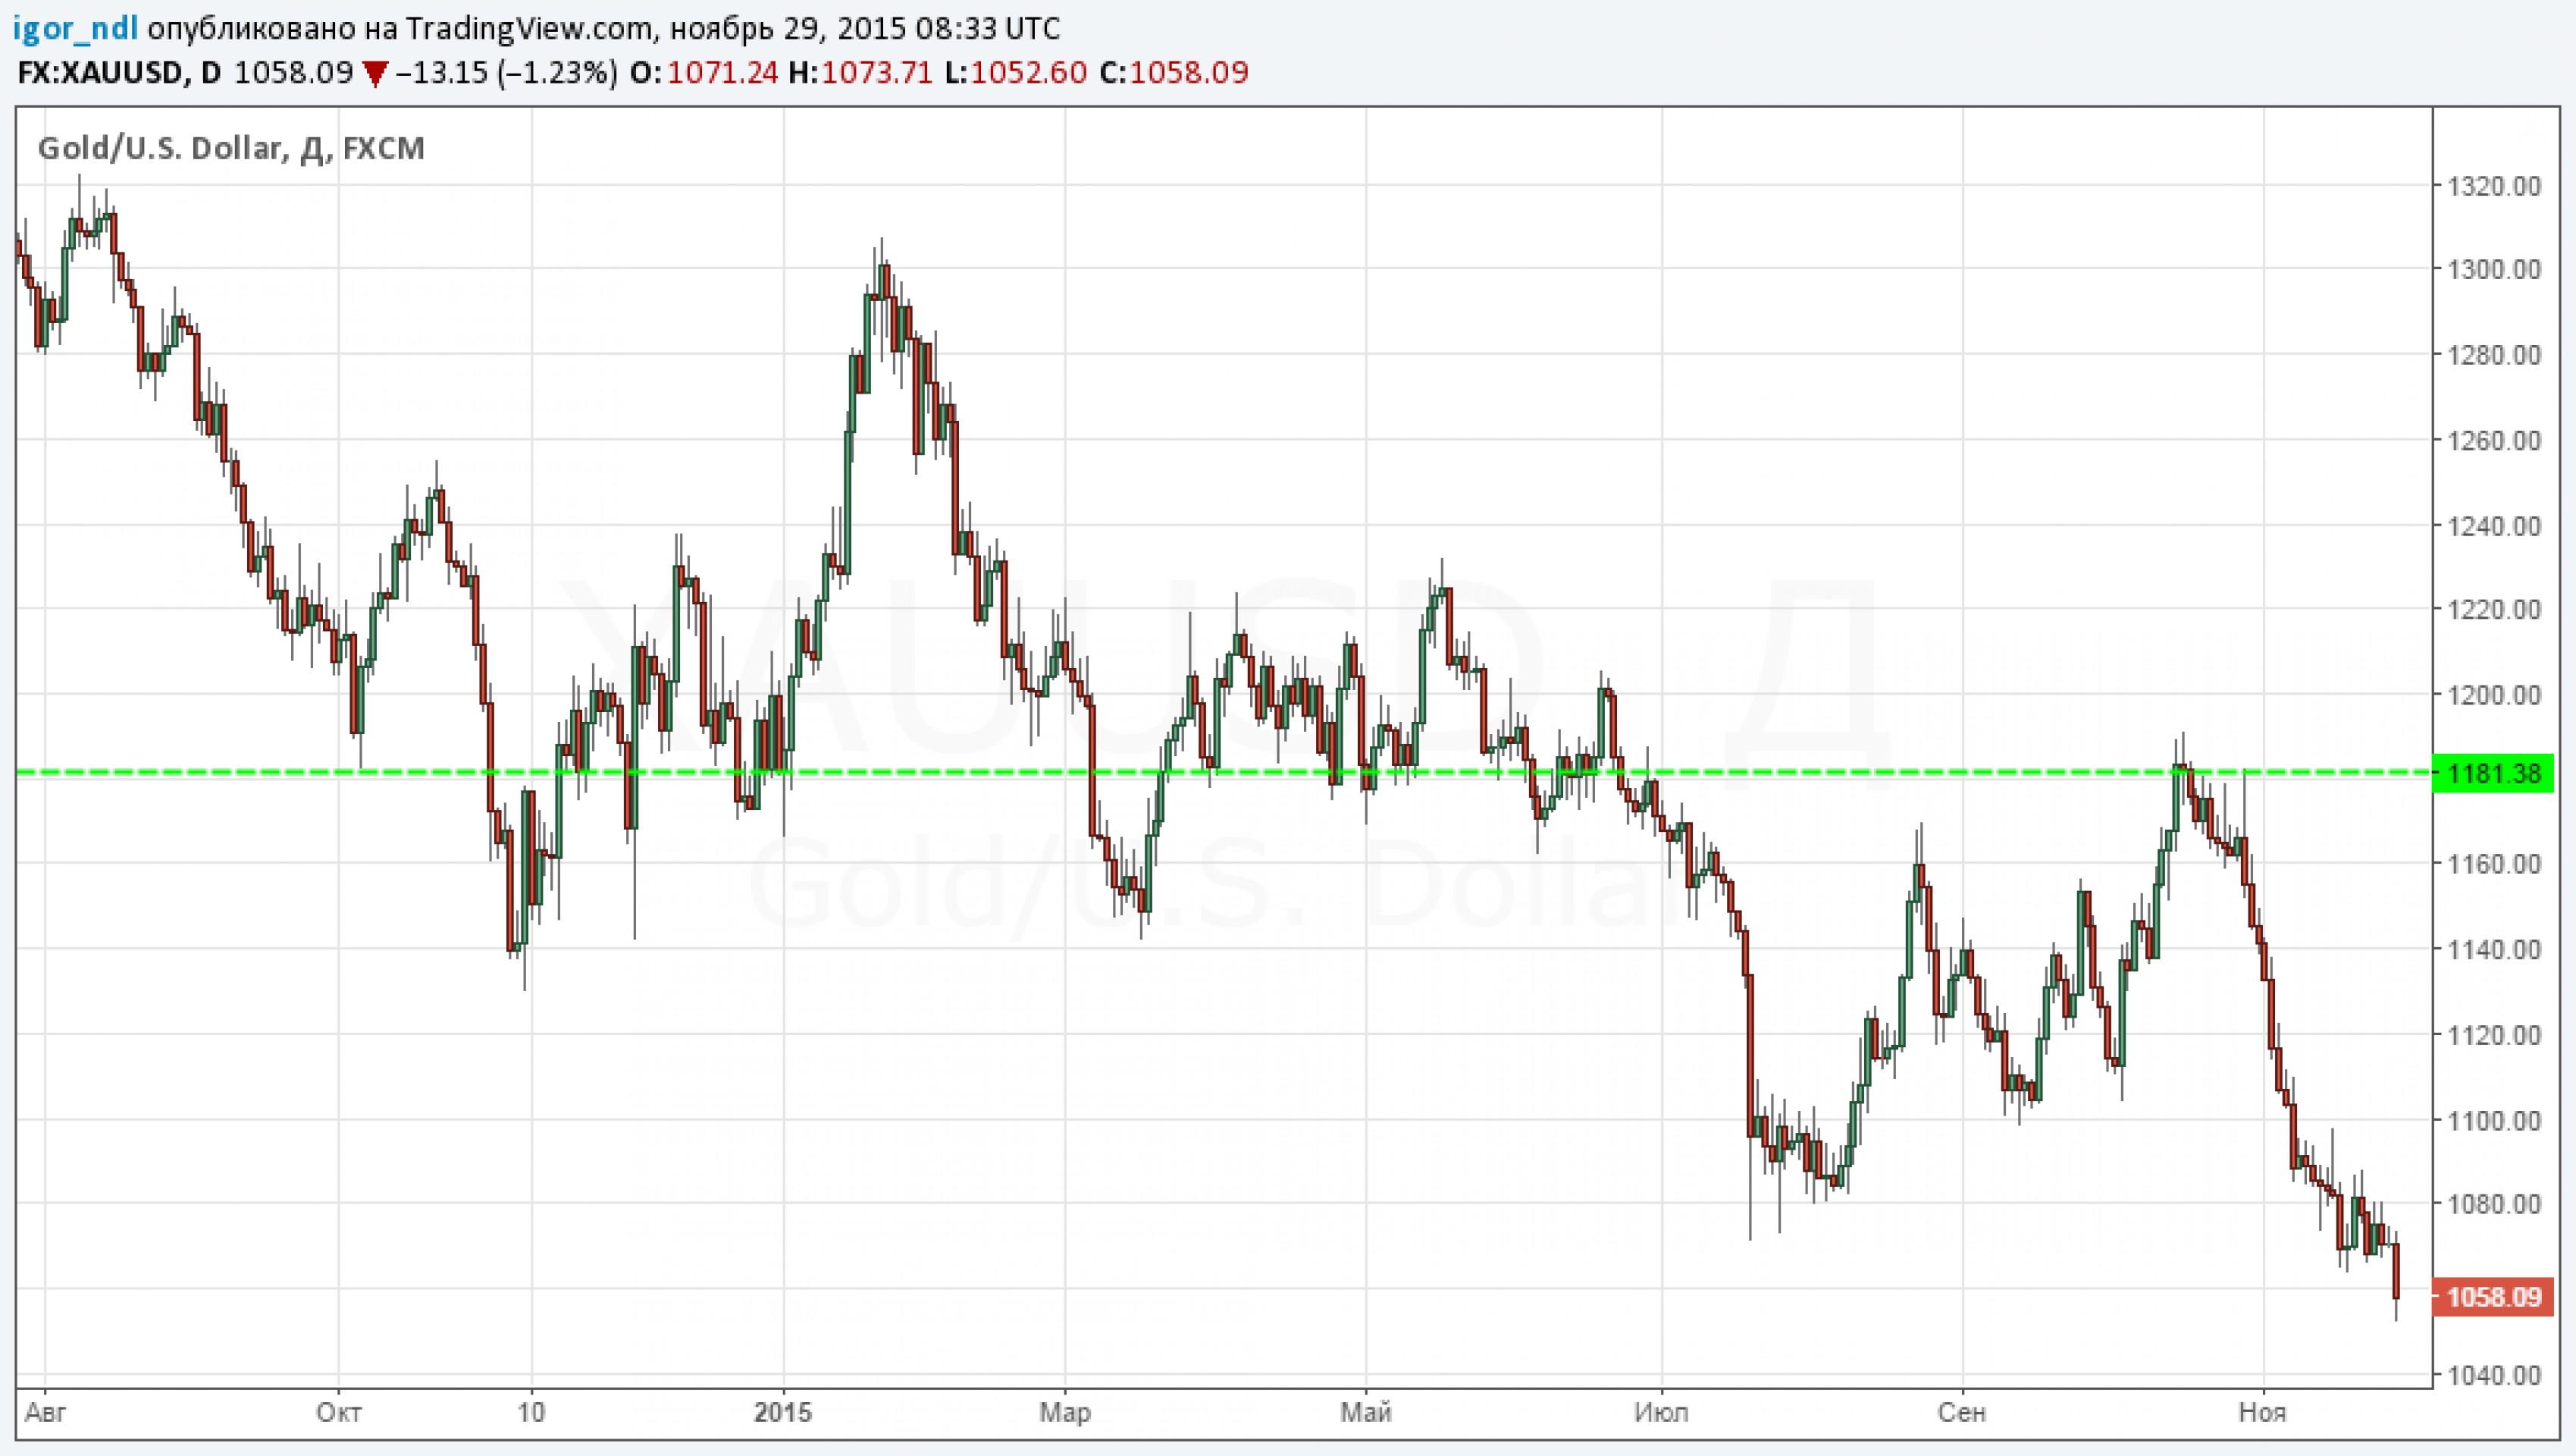 Цена на золото вернулась к отметкам 2010 года